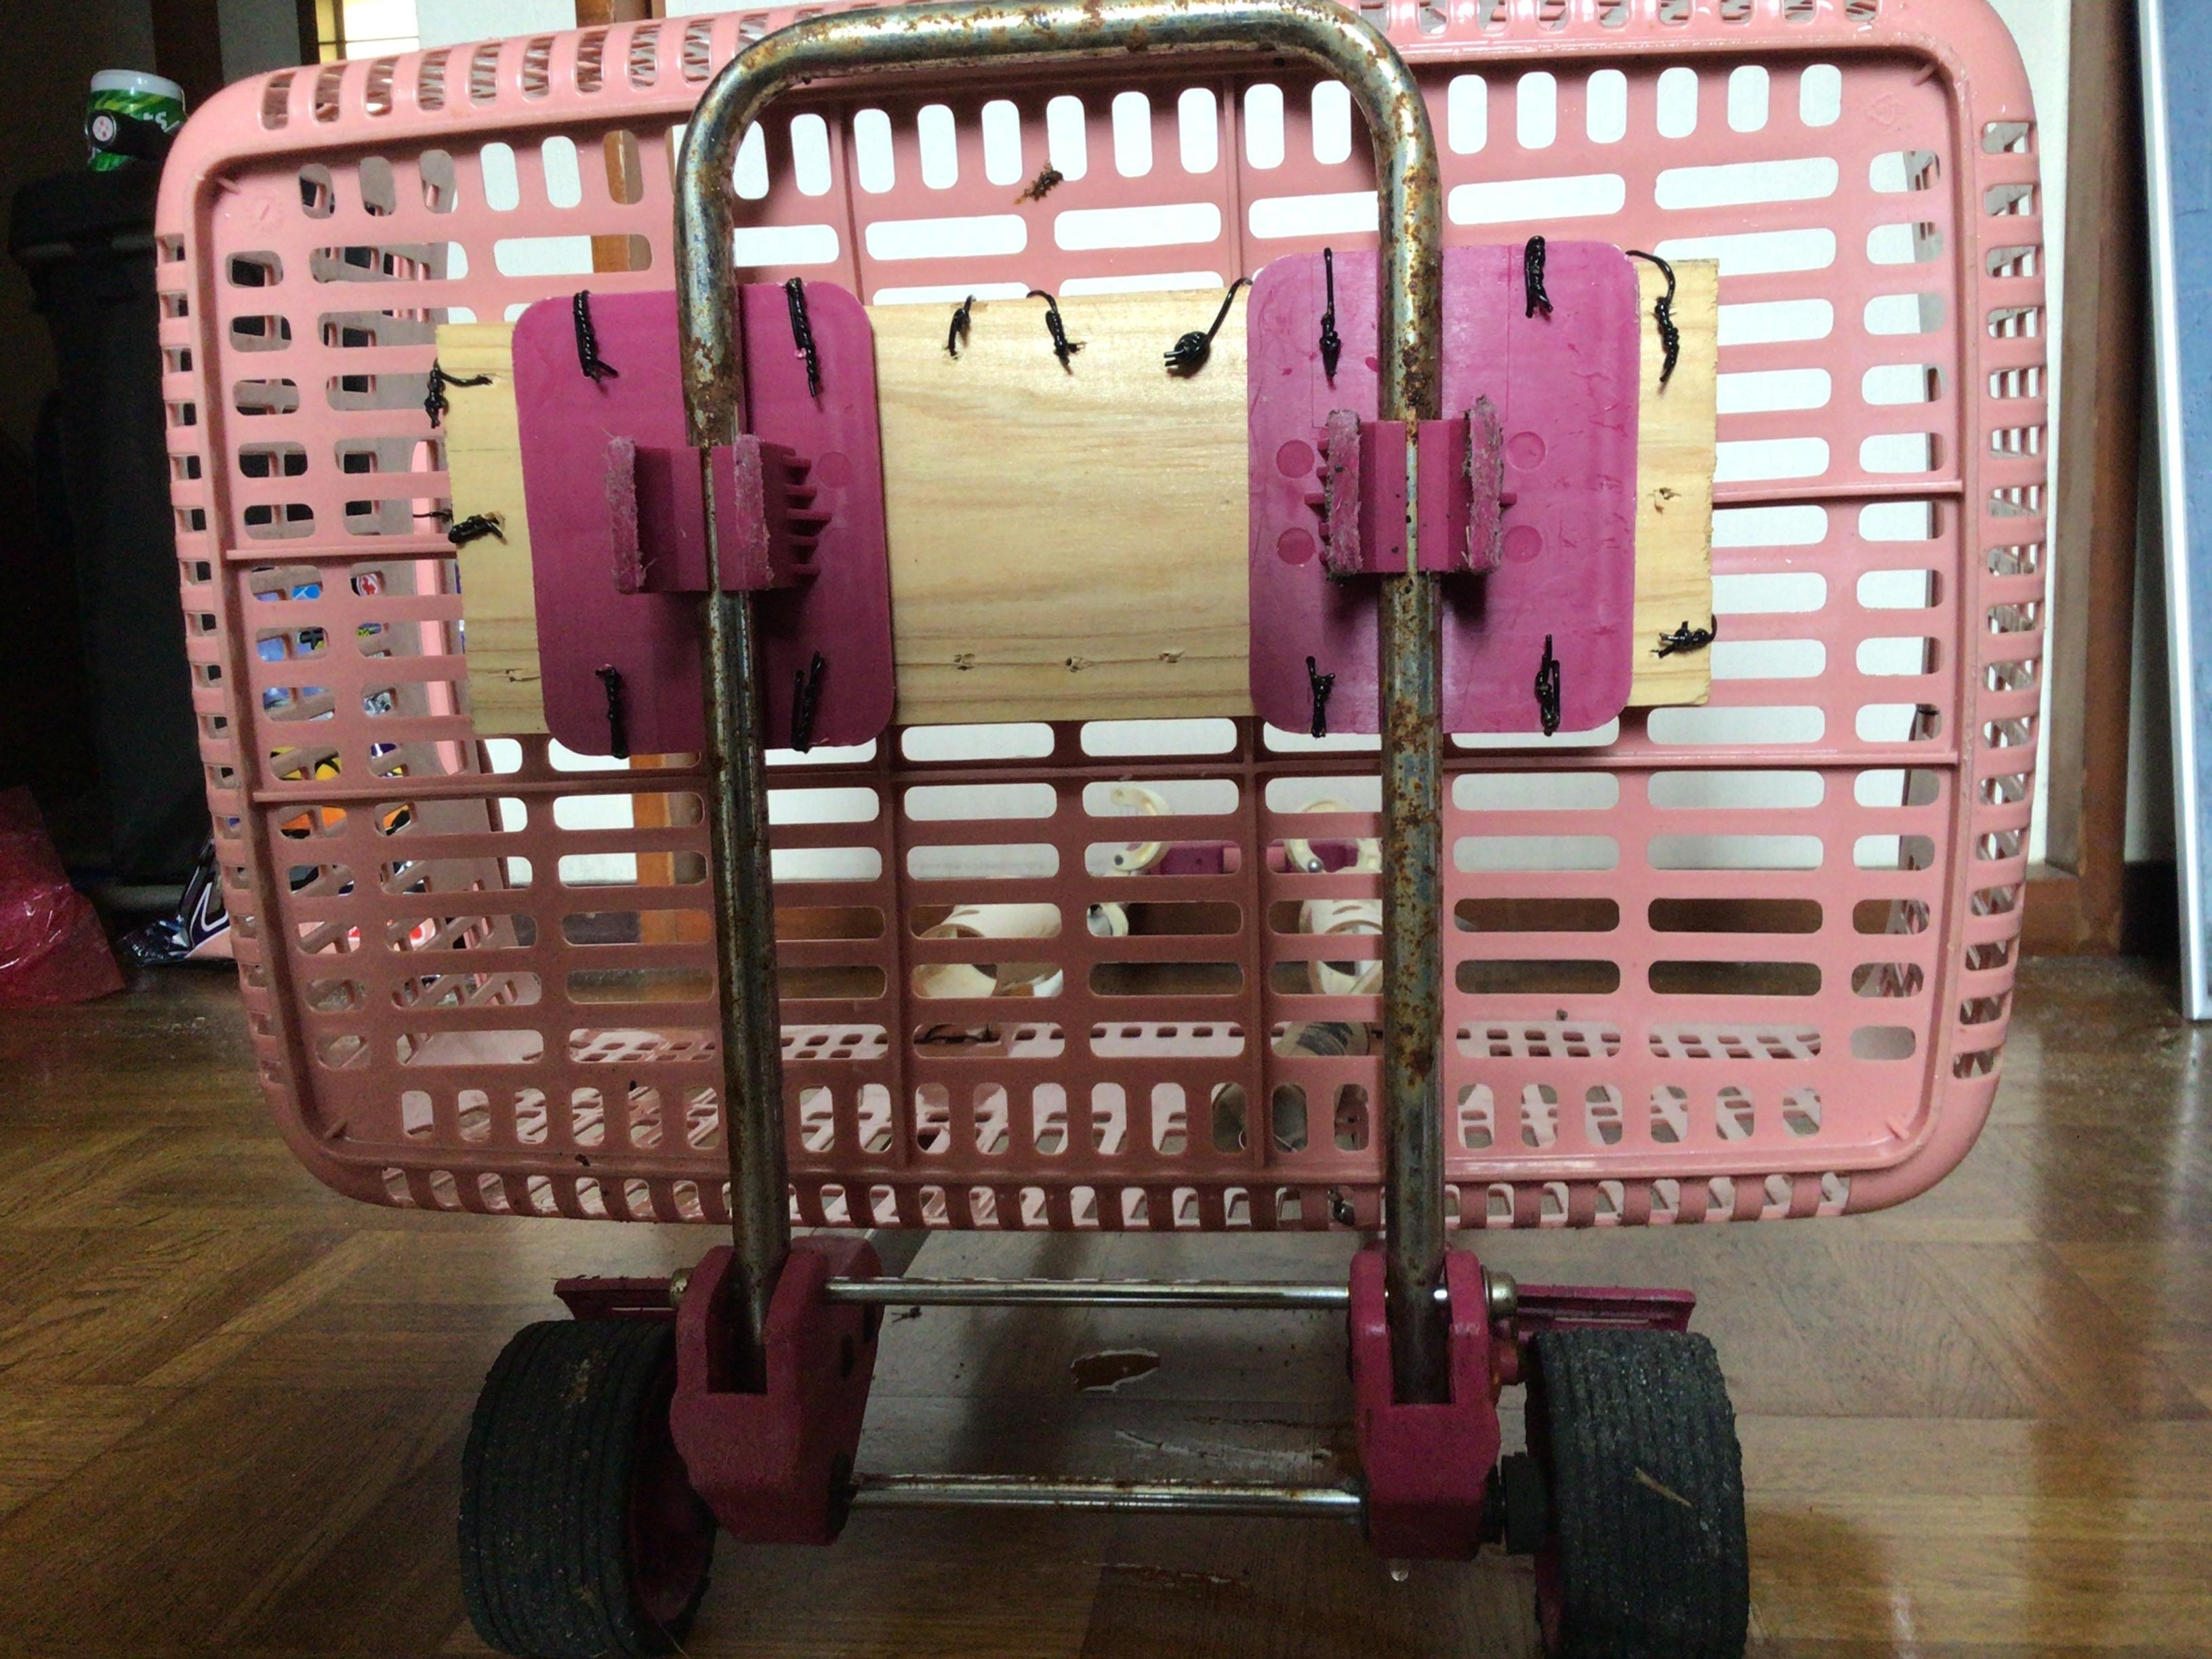 300円で買った代車に土台で木材かまします。カゴはツリノの方がクールかな❓